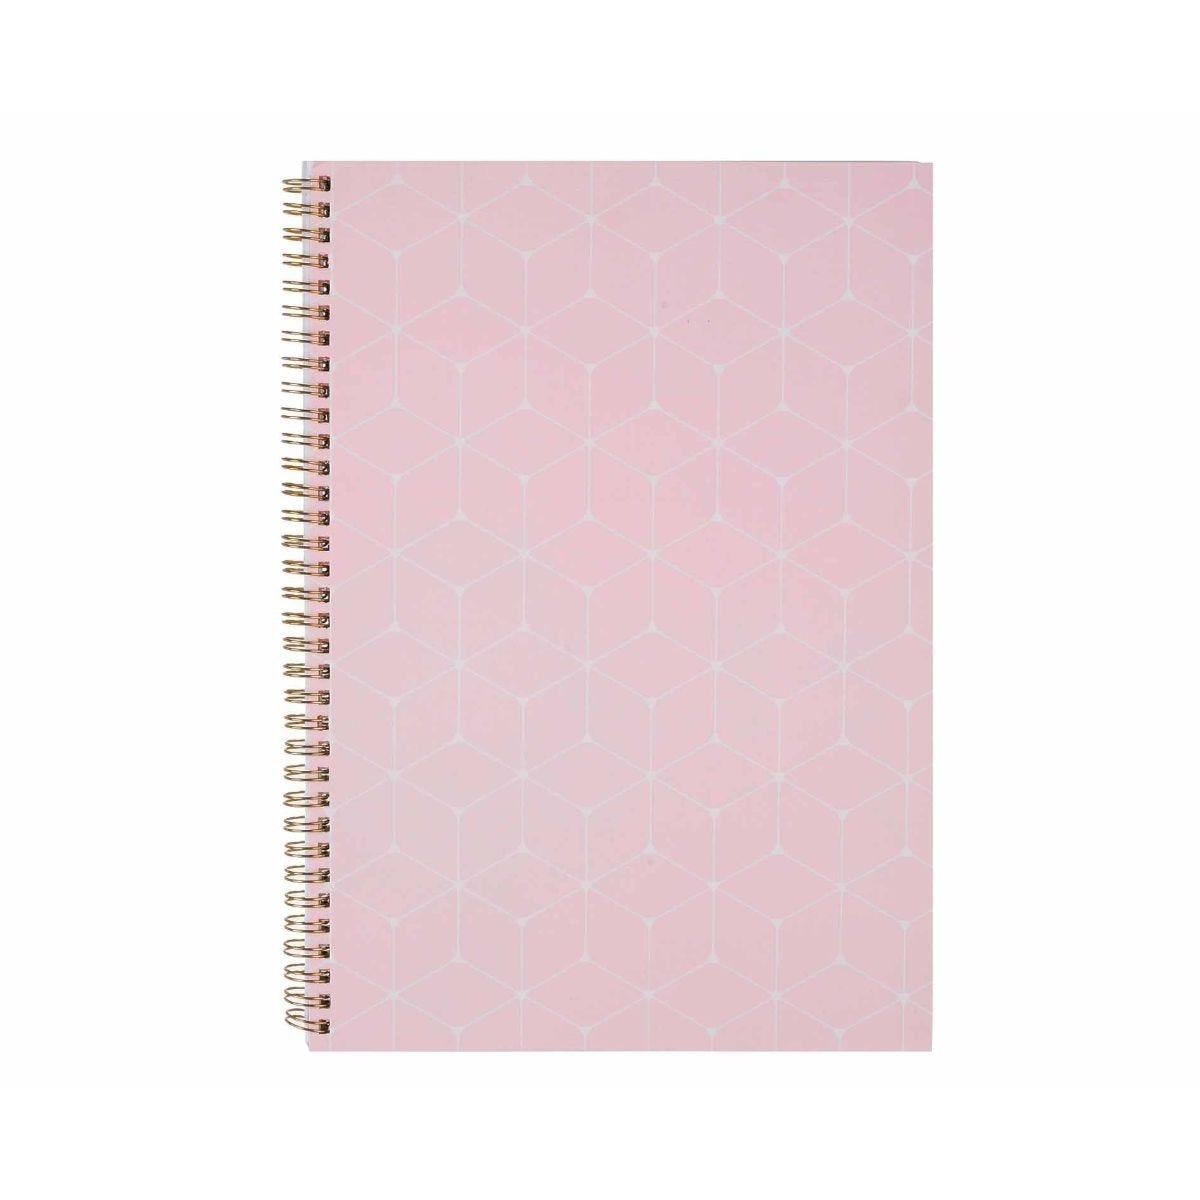 Ryman A4 Spiral Notebook Light Pink